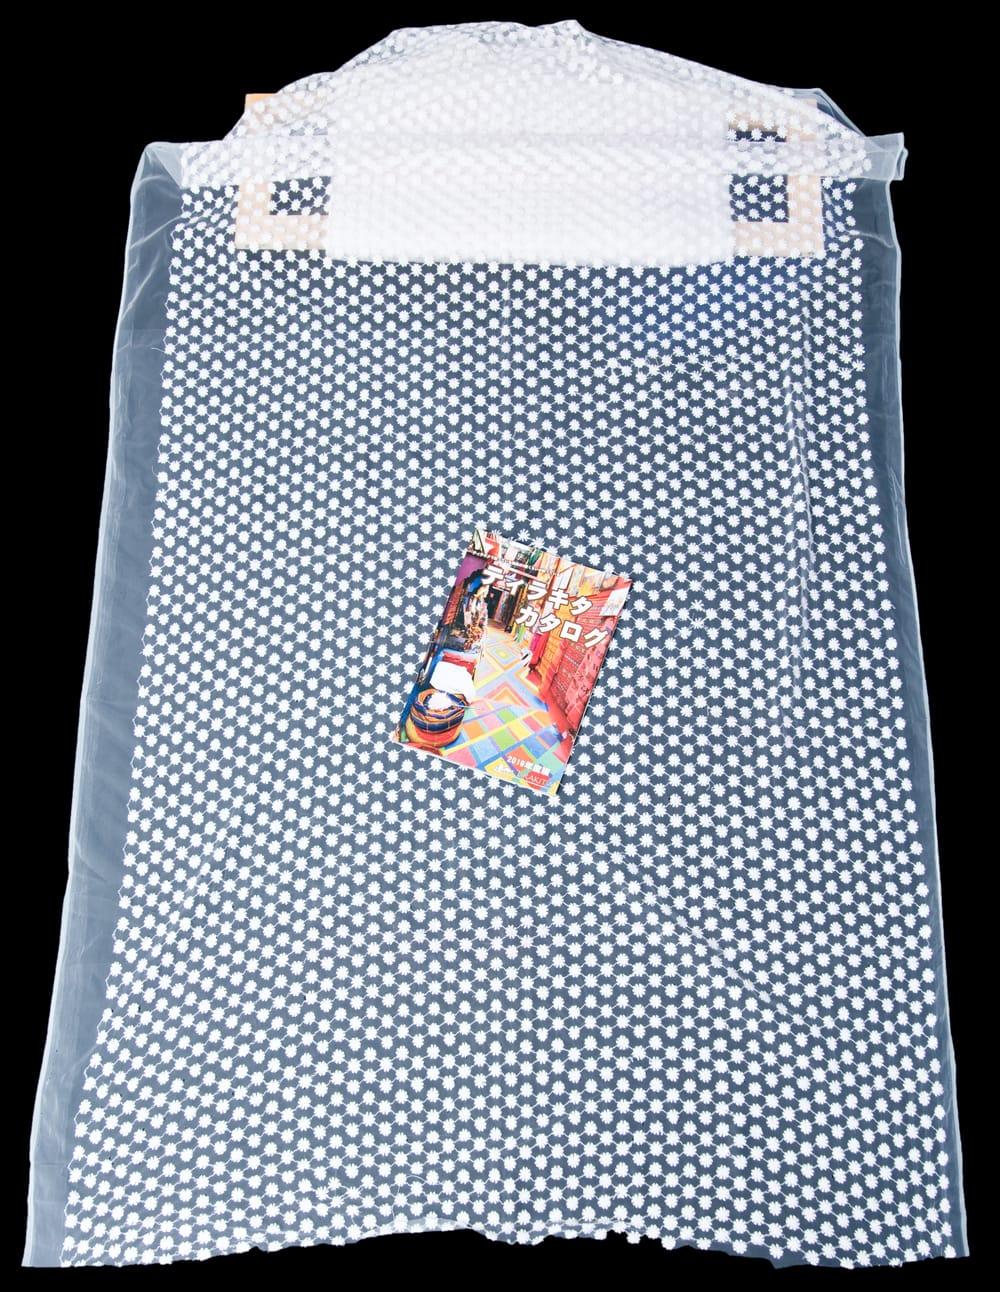 〔1m切り売り〕伝統模様刺繍のメッシュ生地布〔106cm〕 7 - A4の冊子と比較するとこのようなサイズ感になります。